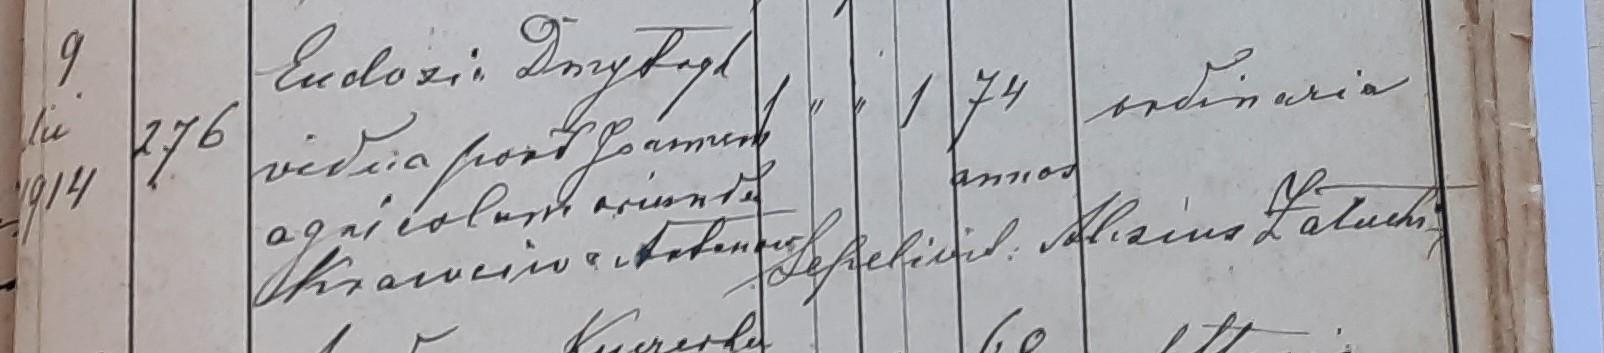 Akt zgonu Eudoksji Dmytryk z domu Krawców (Krawczuk) 1914